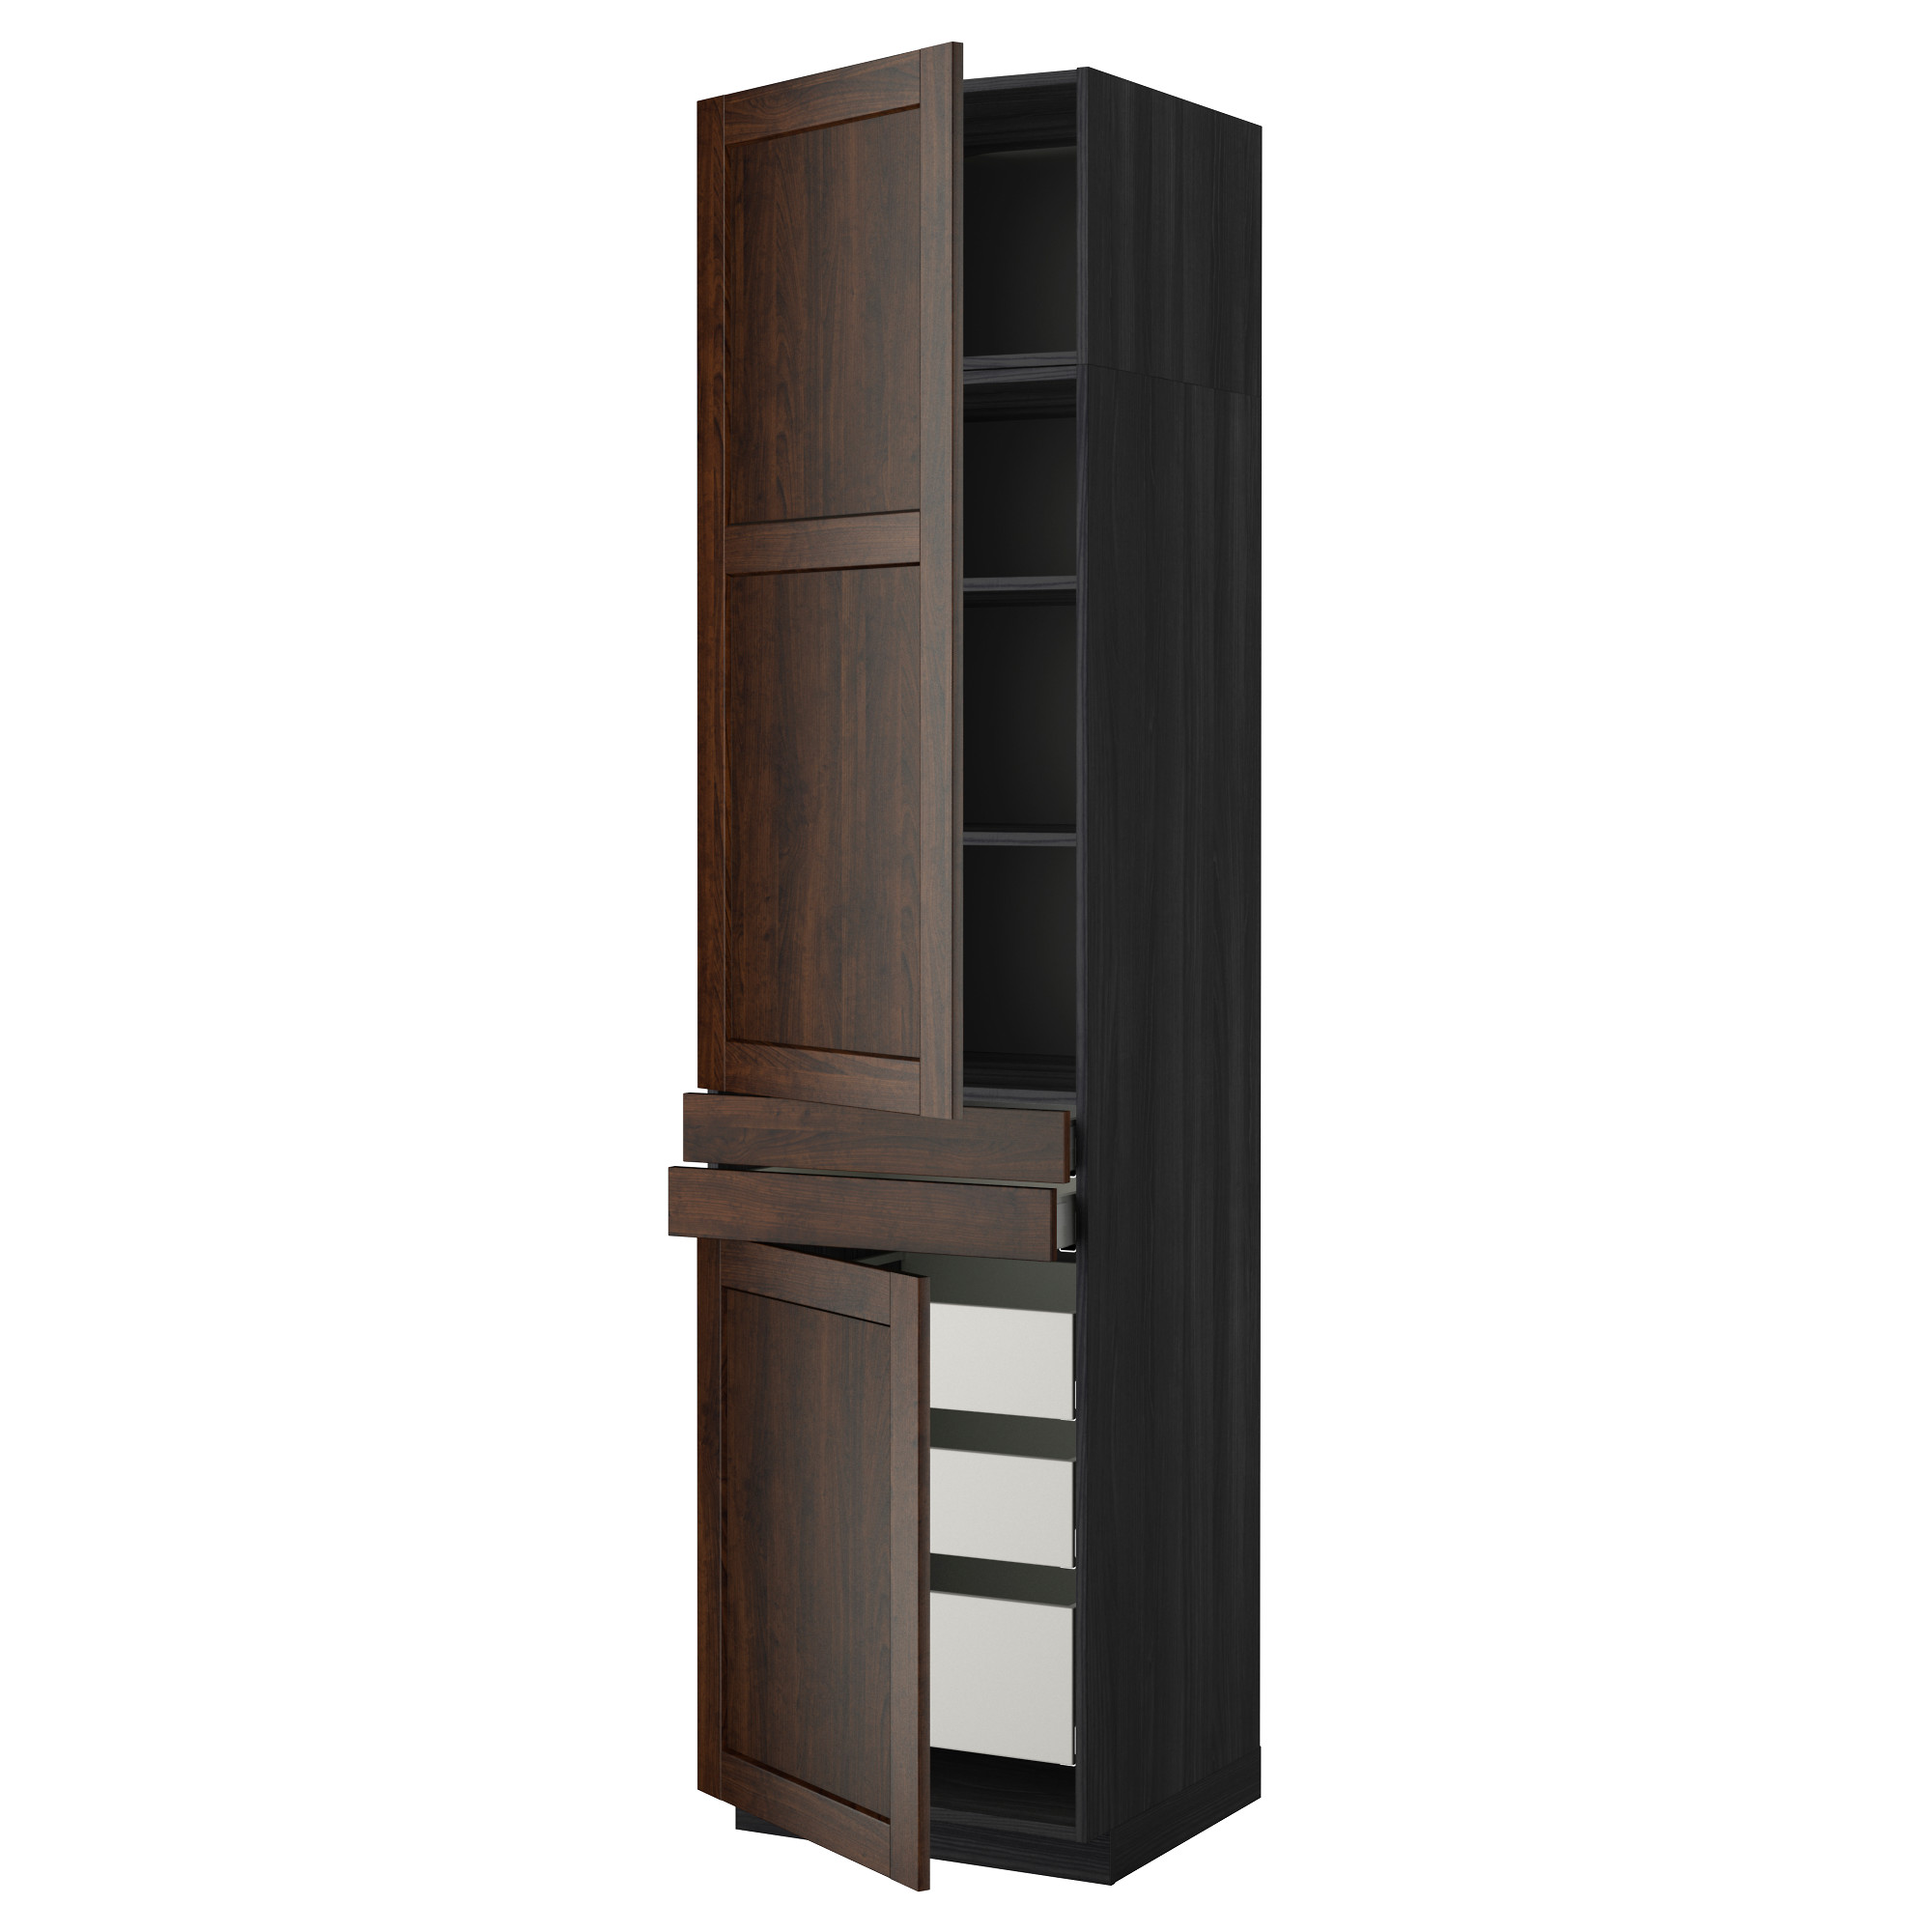 Высокий шкаф + полки, 5 ящиков, 2 дверцы, 2 фронтальных МЕТОД / МАКСИМЕРА черный артикуль № 092.369.18 в наличии. Онлайн магазин IKEA Республика Беларусь. Быстрая доставка и соборка.